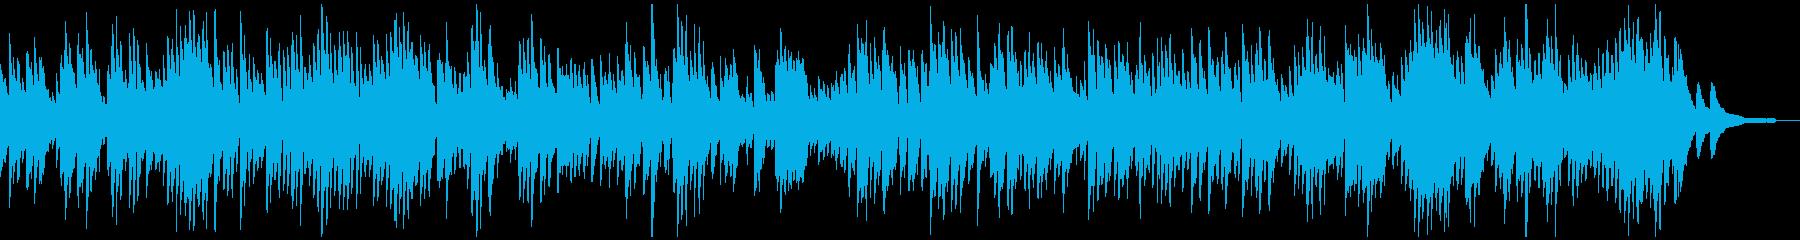 バッハ_インヴェンション第9番_ピアノの再生済みの波形